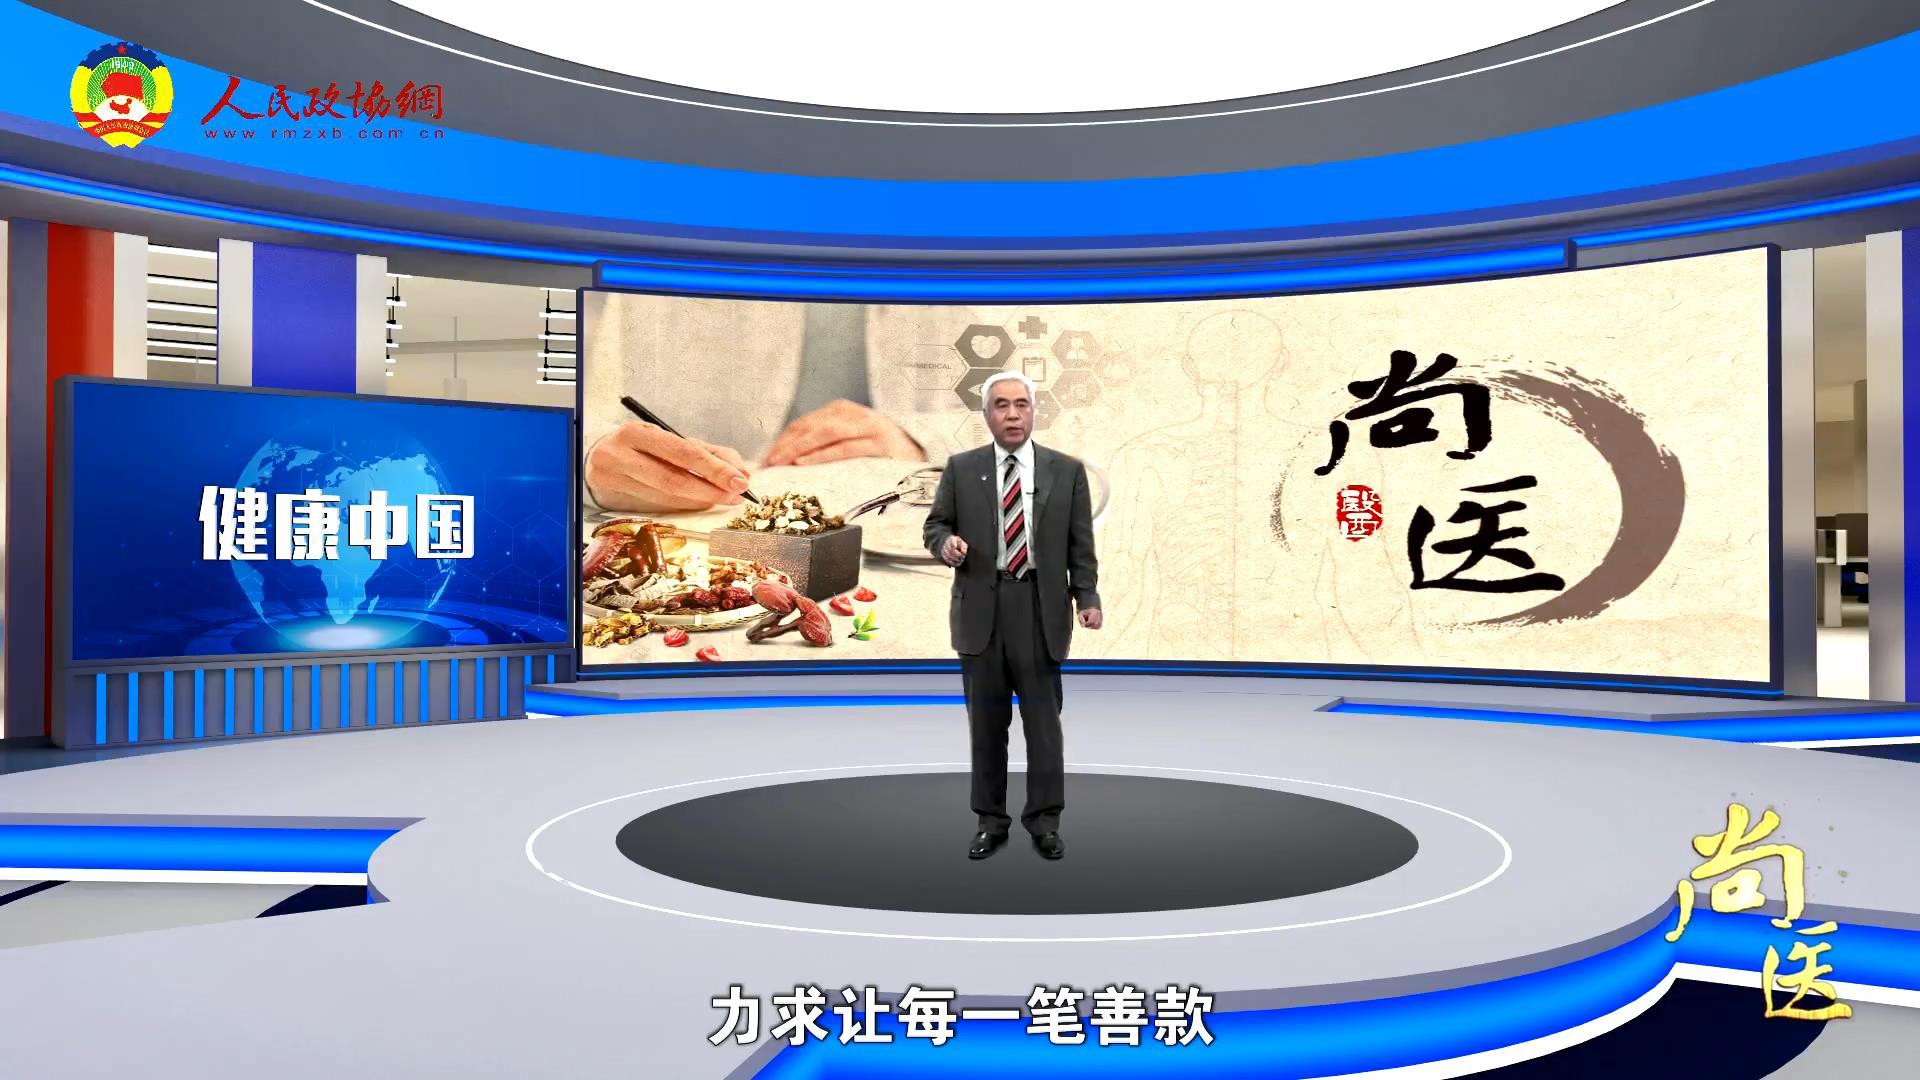 赵平:癌症得不到及时治疗和过度治疗都存在,但都不是主流!